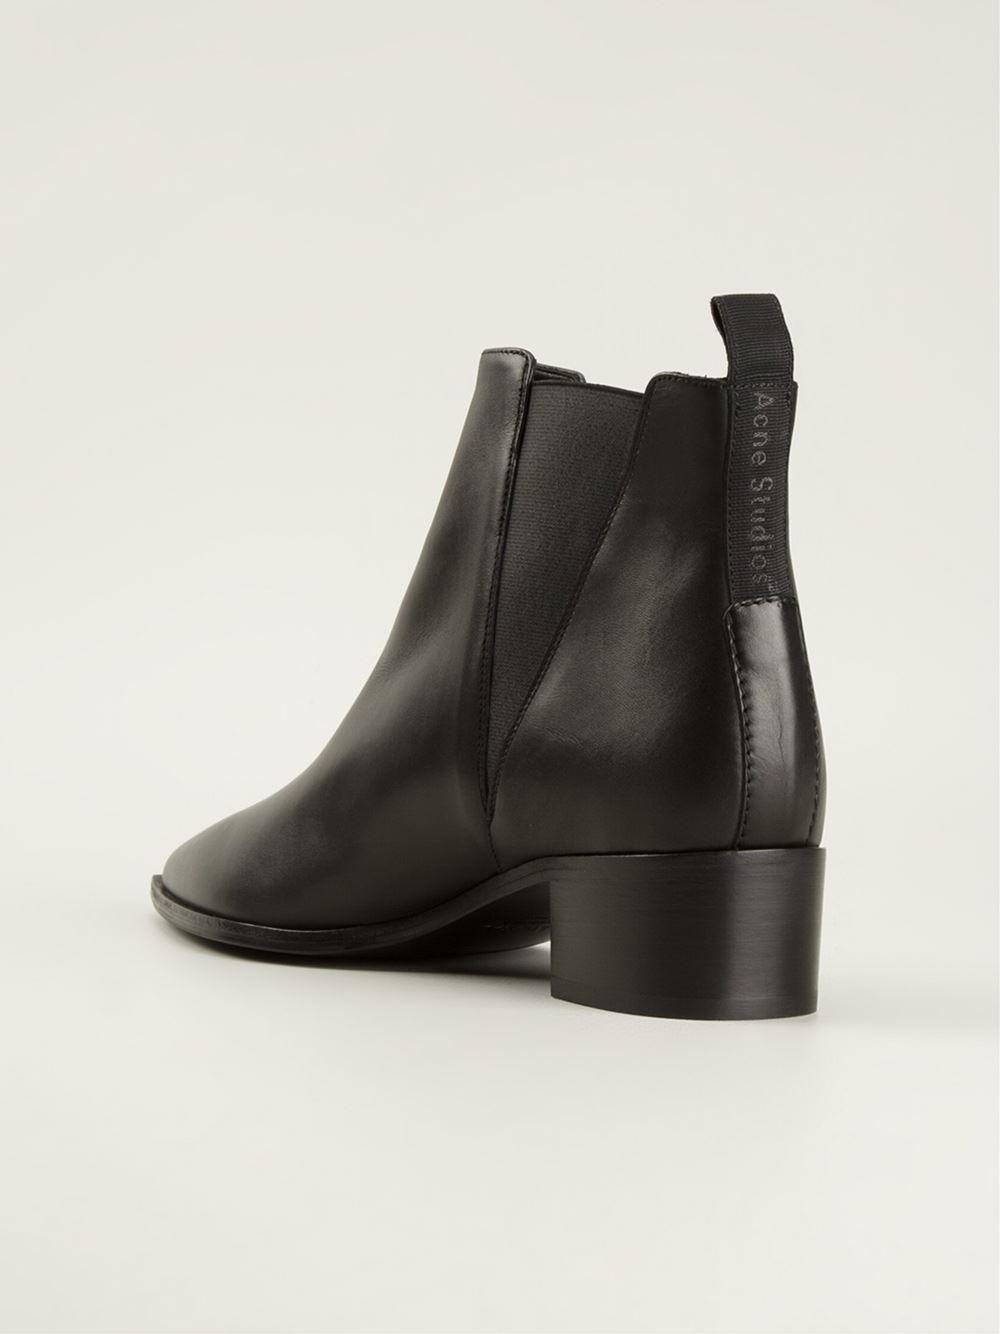 lyst acne studios jensen ankle boots in black. Black Bedroom Furniture Sets. Home Design Ideas